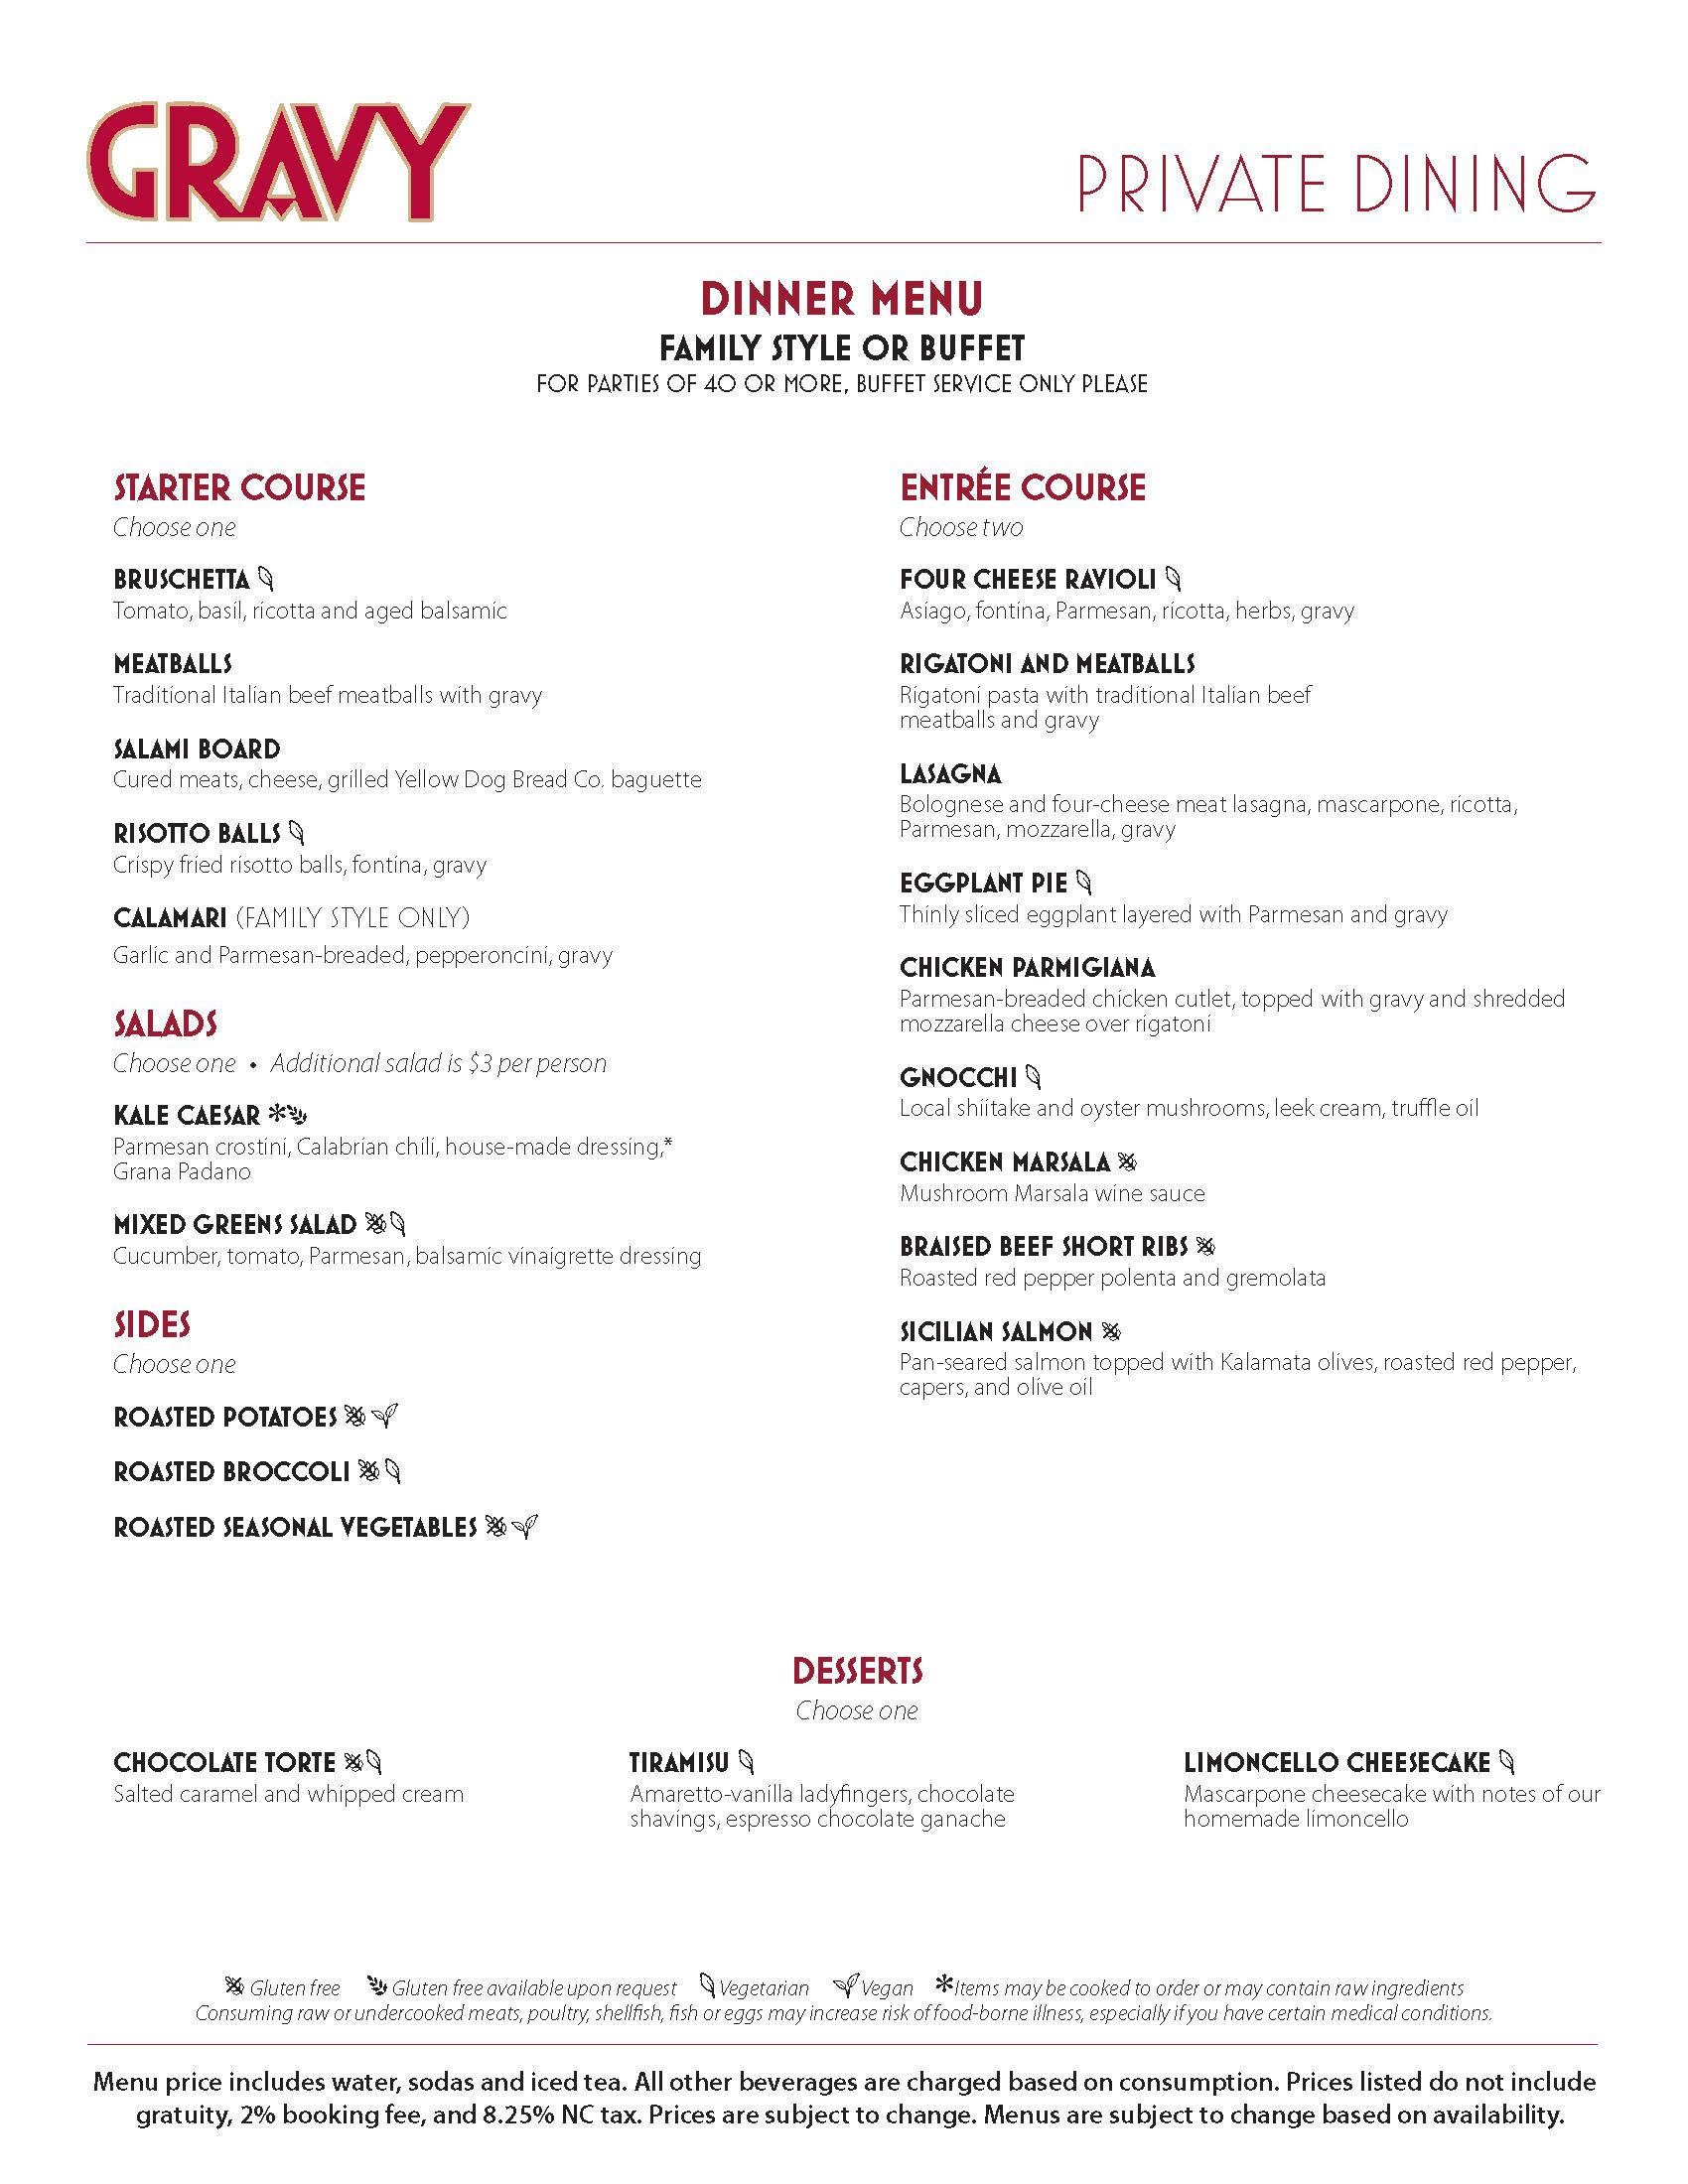 gravy dinner menu